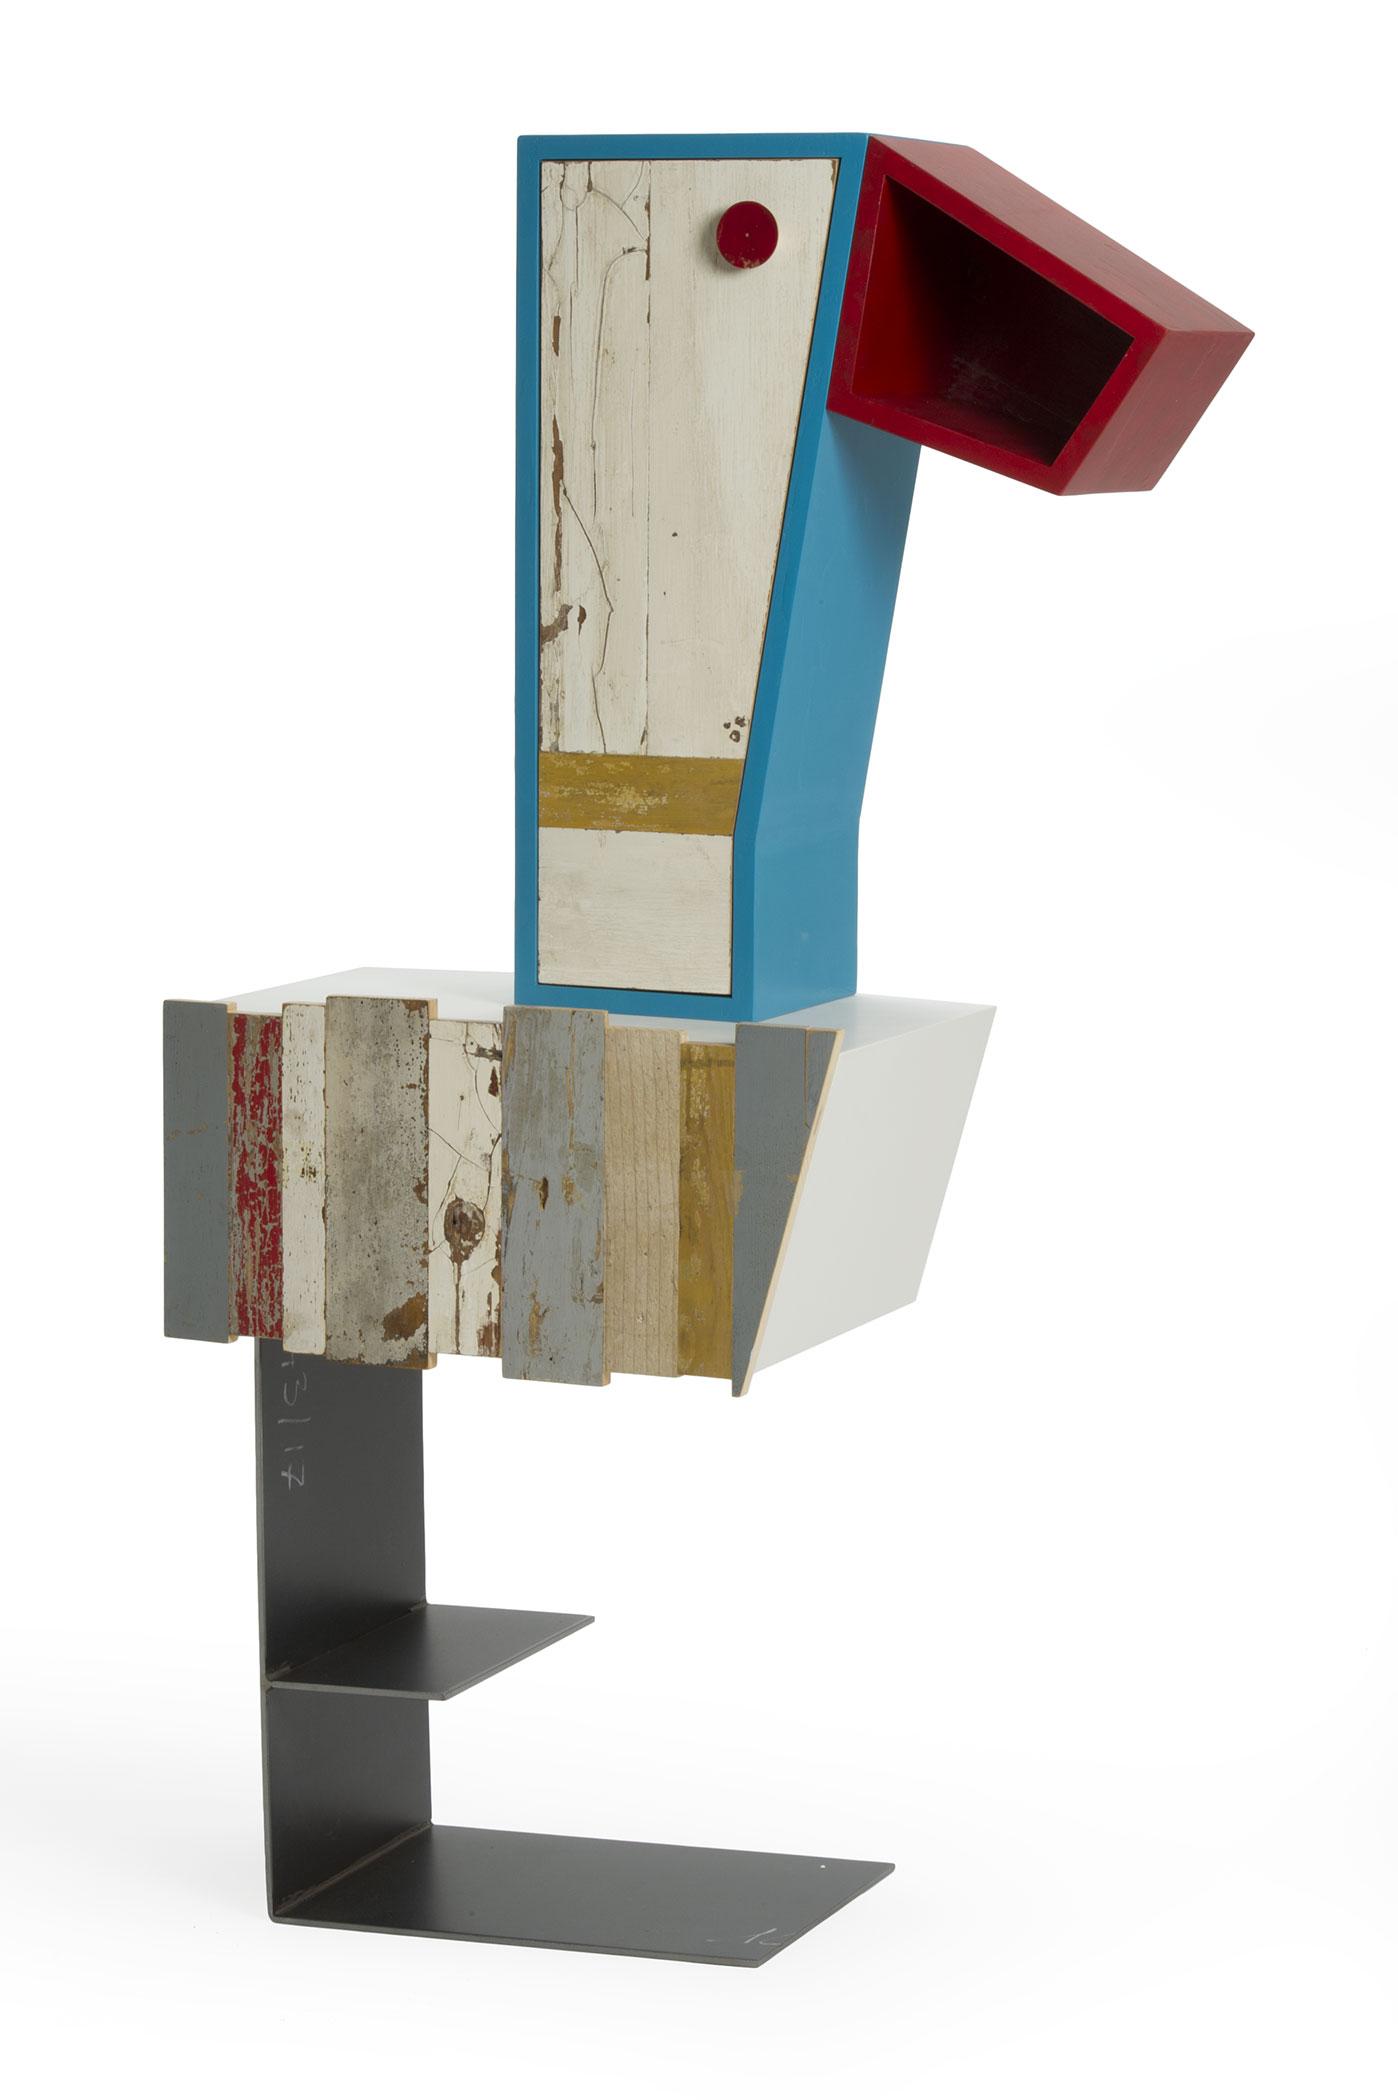 Mobile di design dalla forma di un dodo, legno di recupero e restaurato colorato e laccatura. La gamba in ferro portalibri